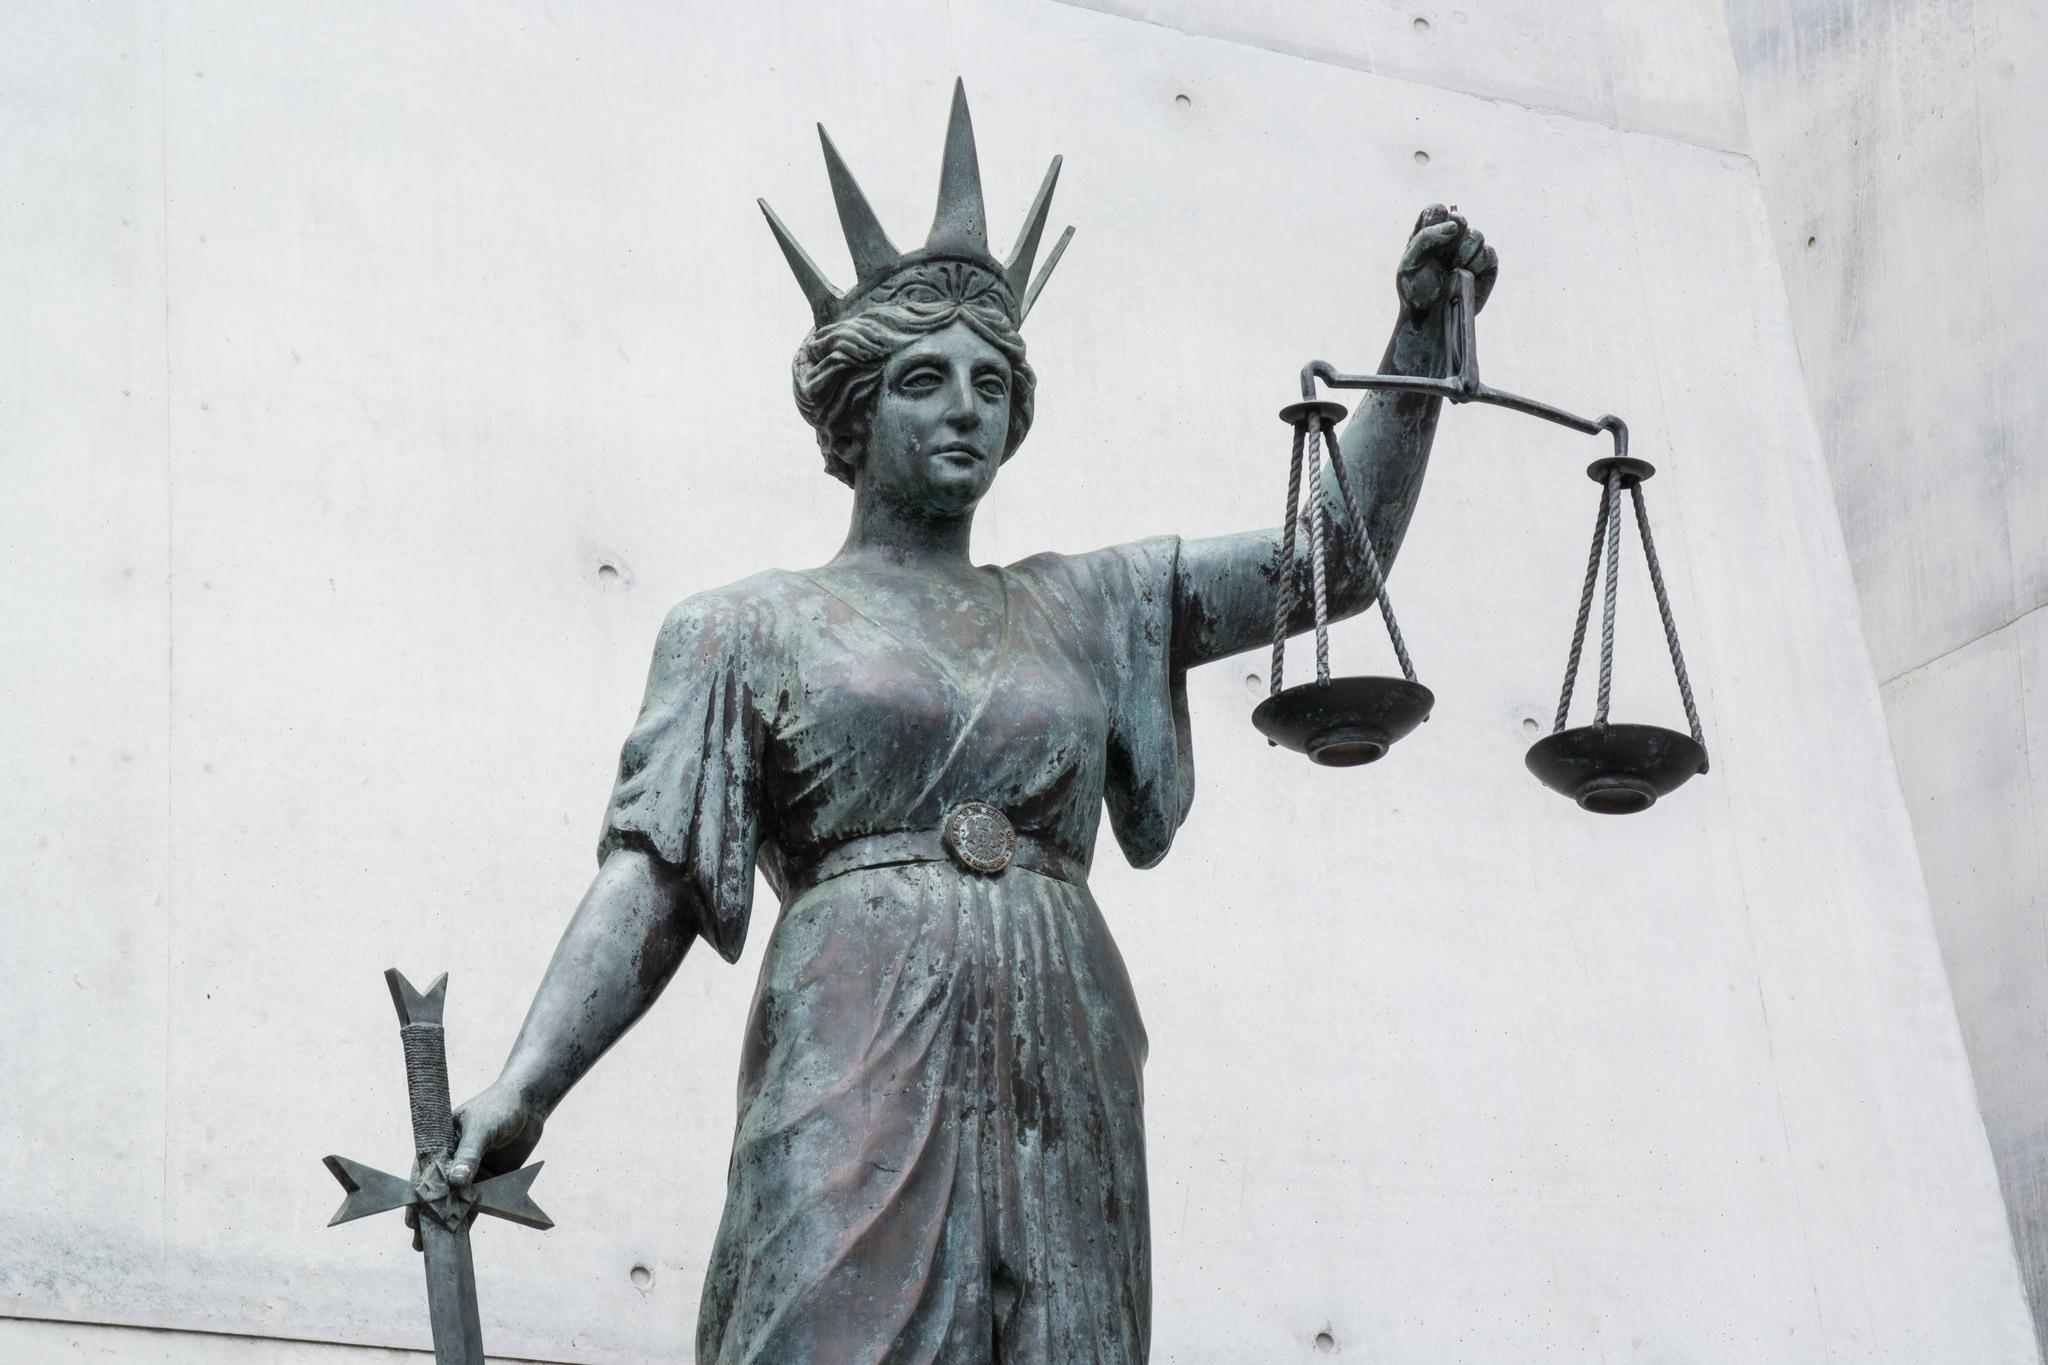 Gwiazdowski o wyroku ws. prawa łaski: Trybunale, bądź konsekwentny